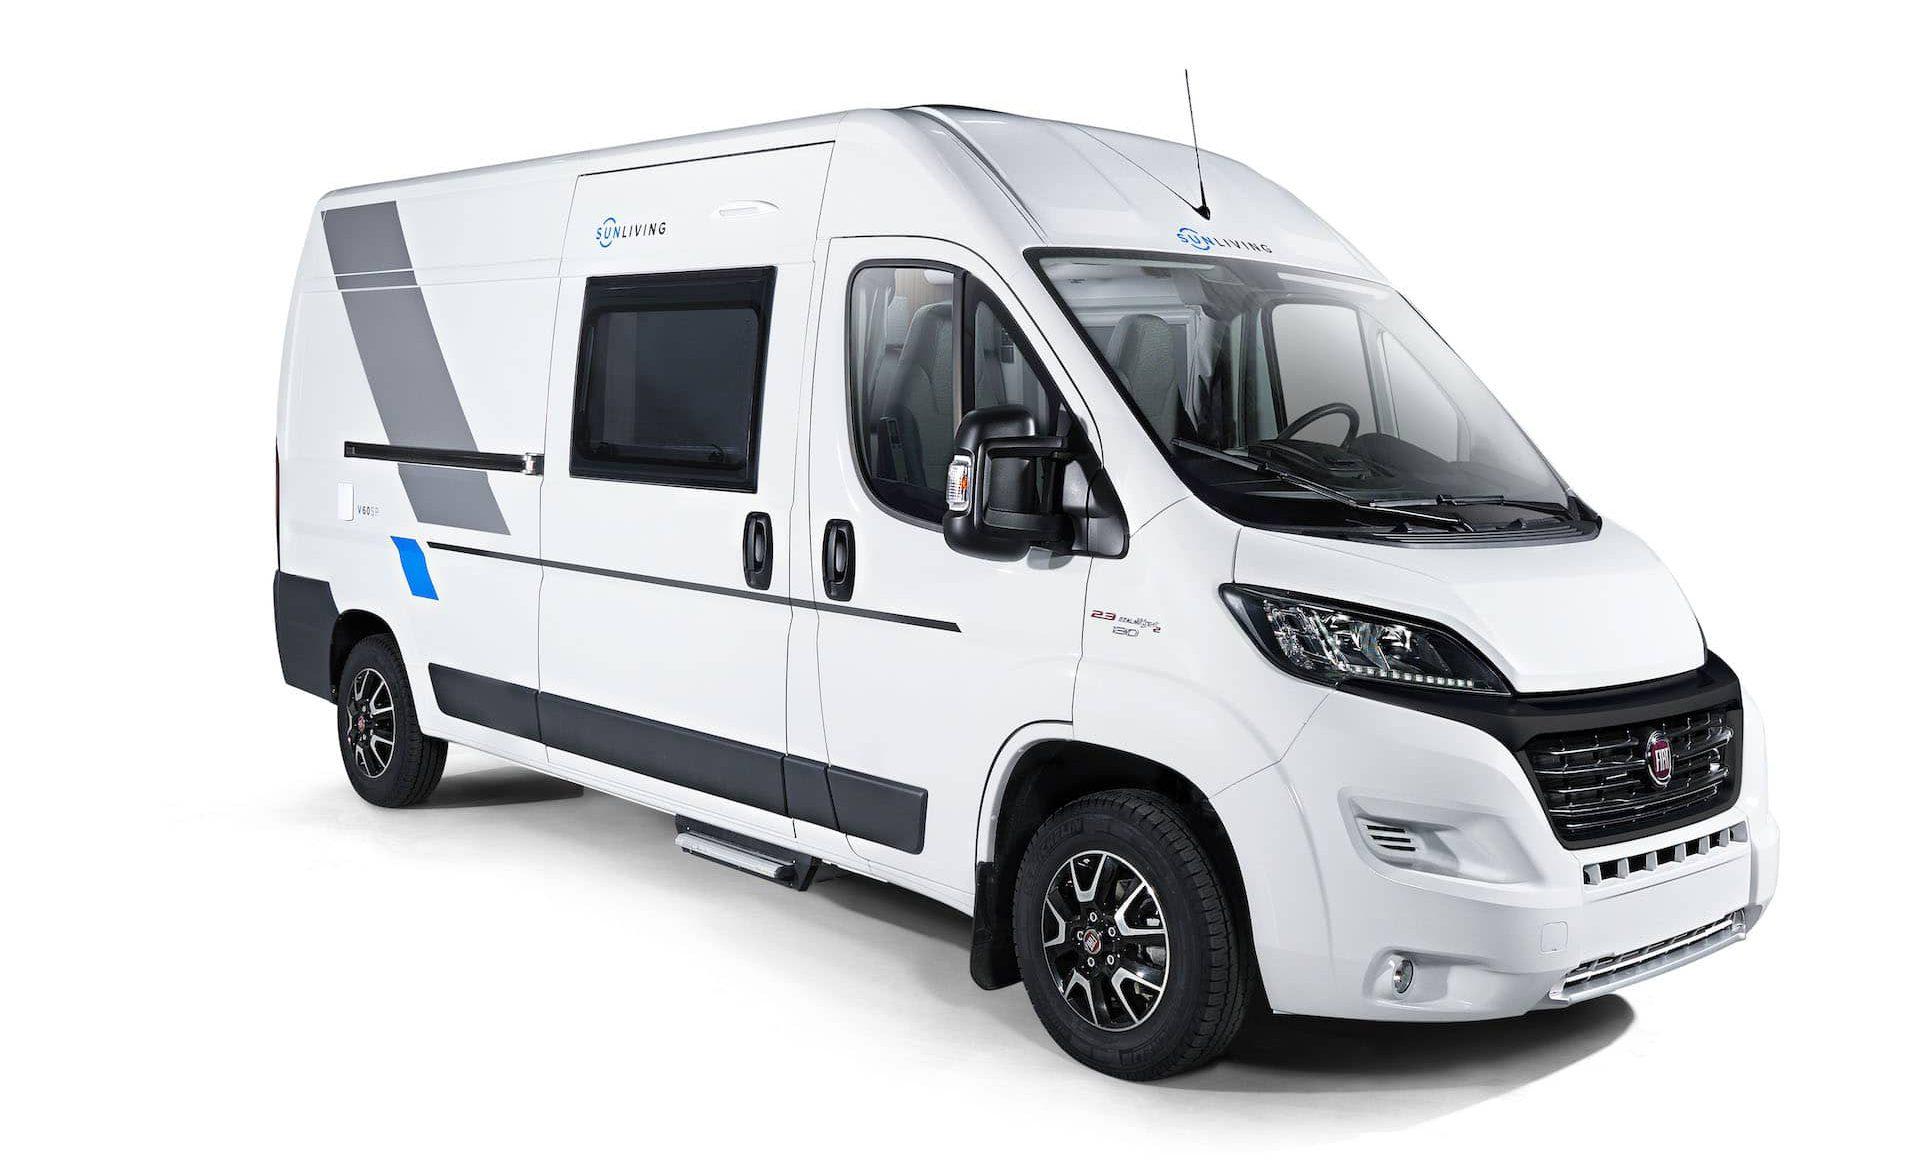 Ansicht eines Wohnmobils Van